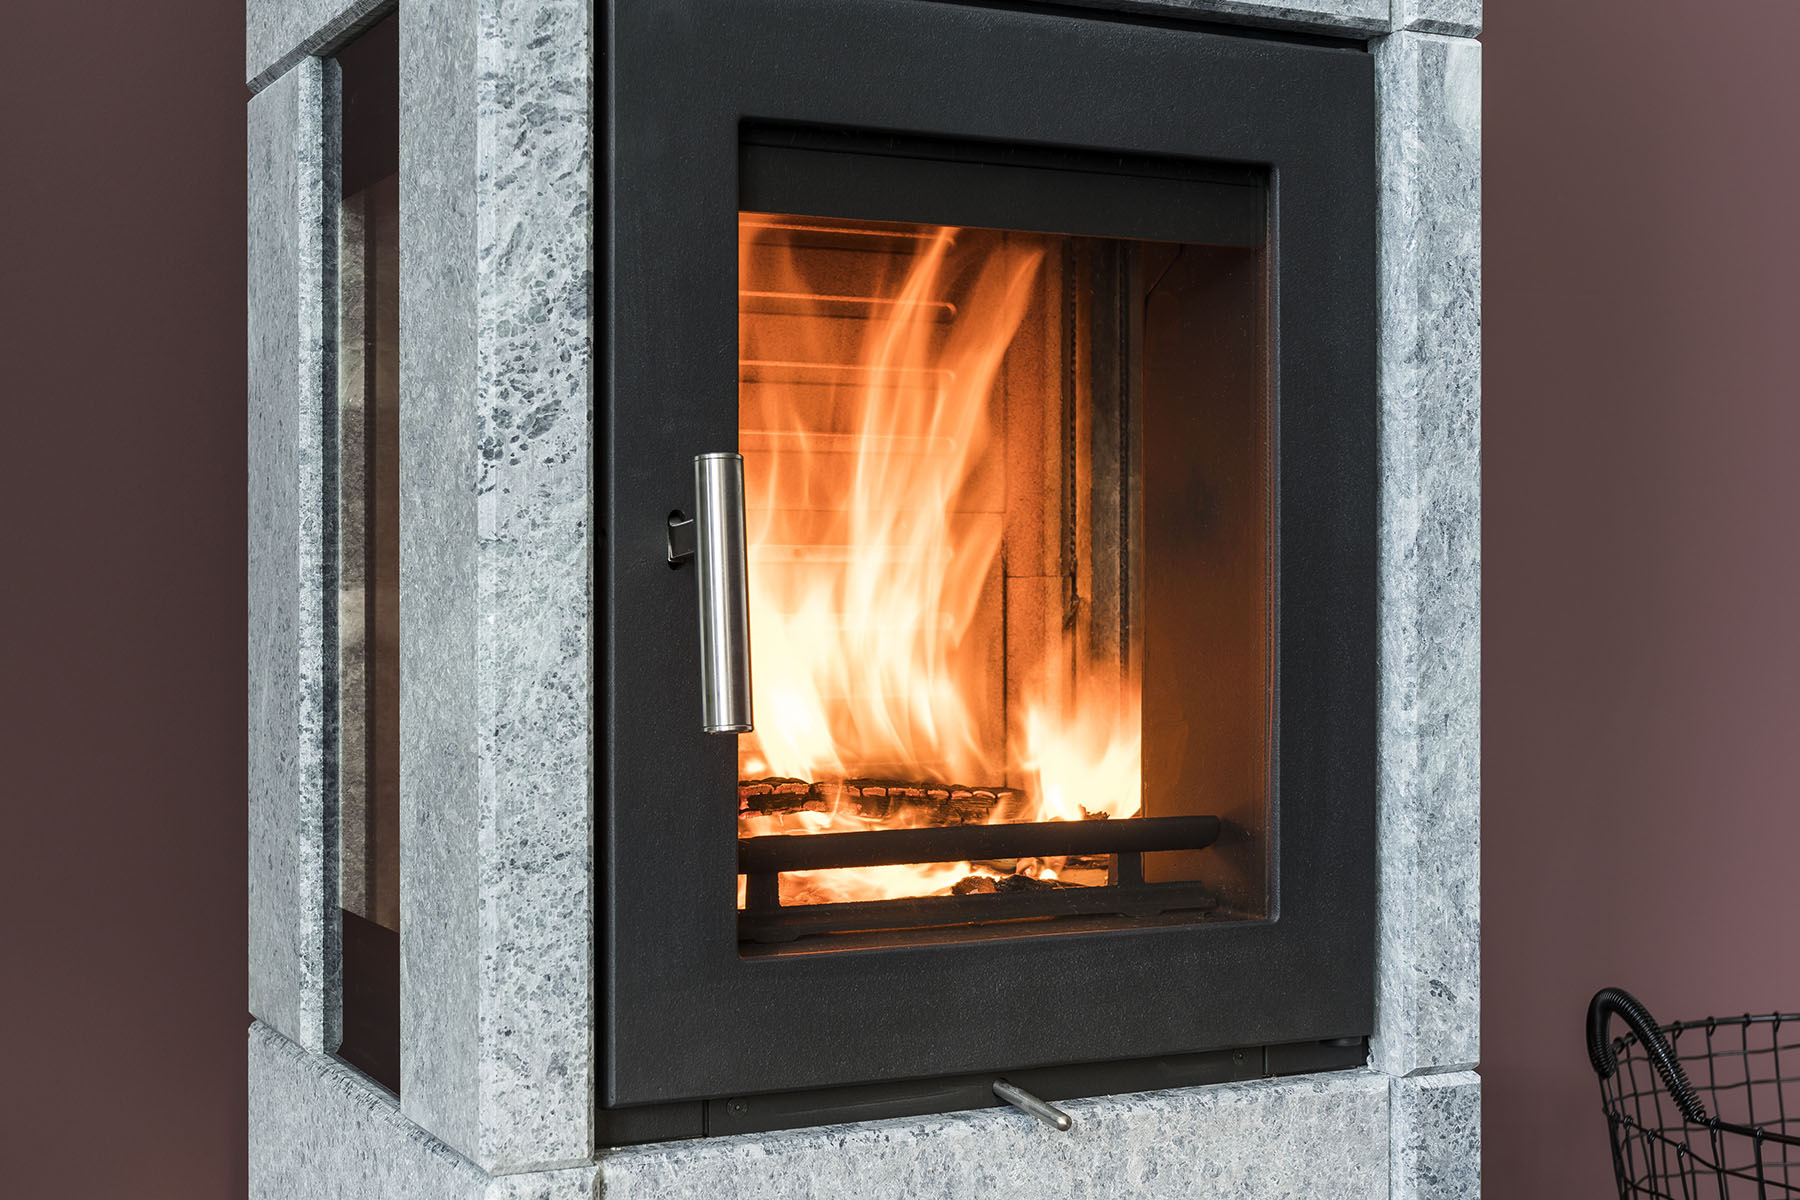 Håndtaket på alle våre ovner er av blankt stål med naturlig luftkjøling, slik at det kan tas på selv om ovnen er gjennomvarm.